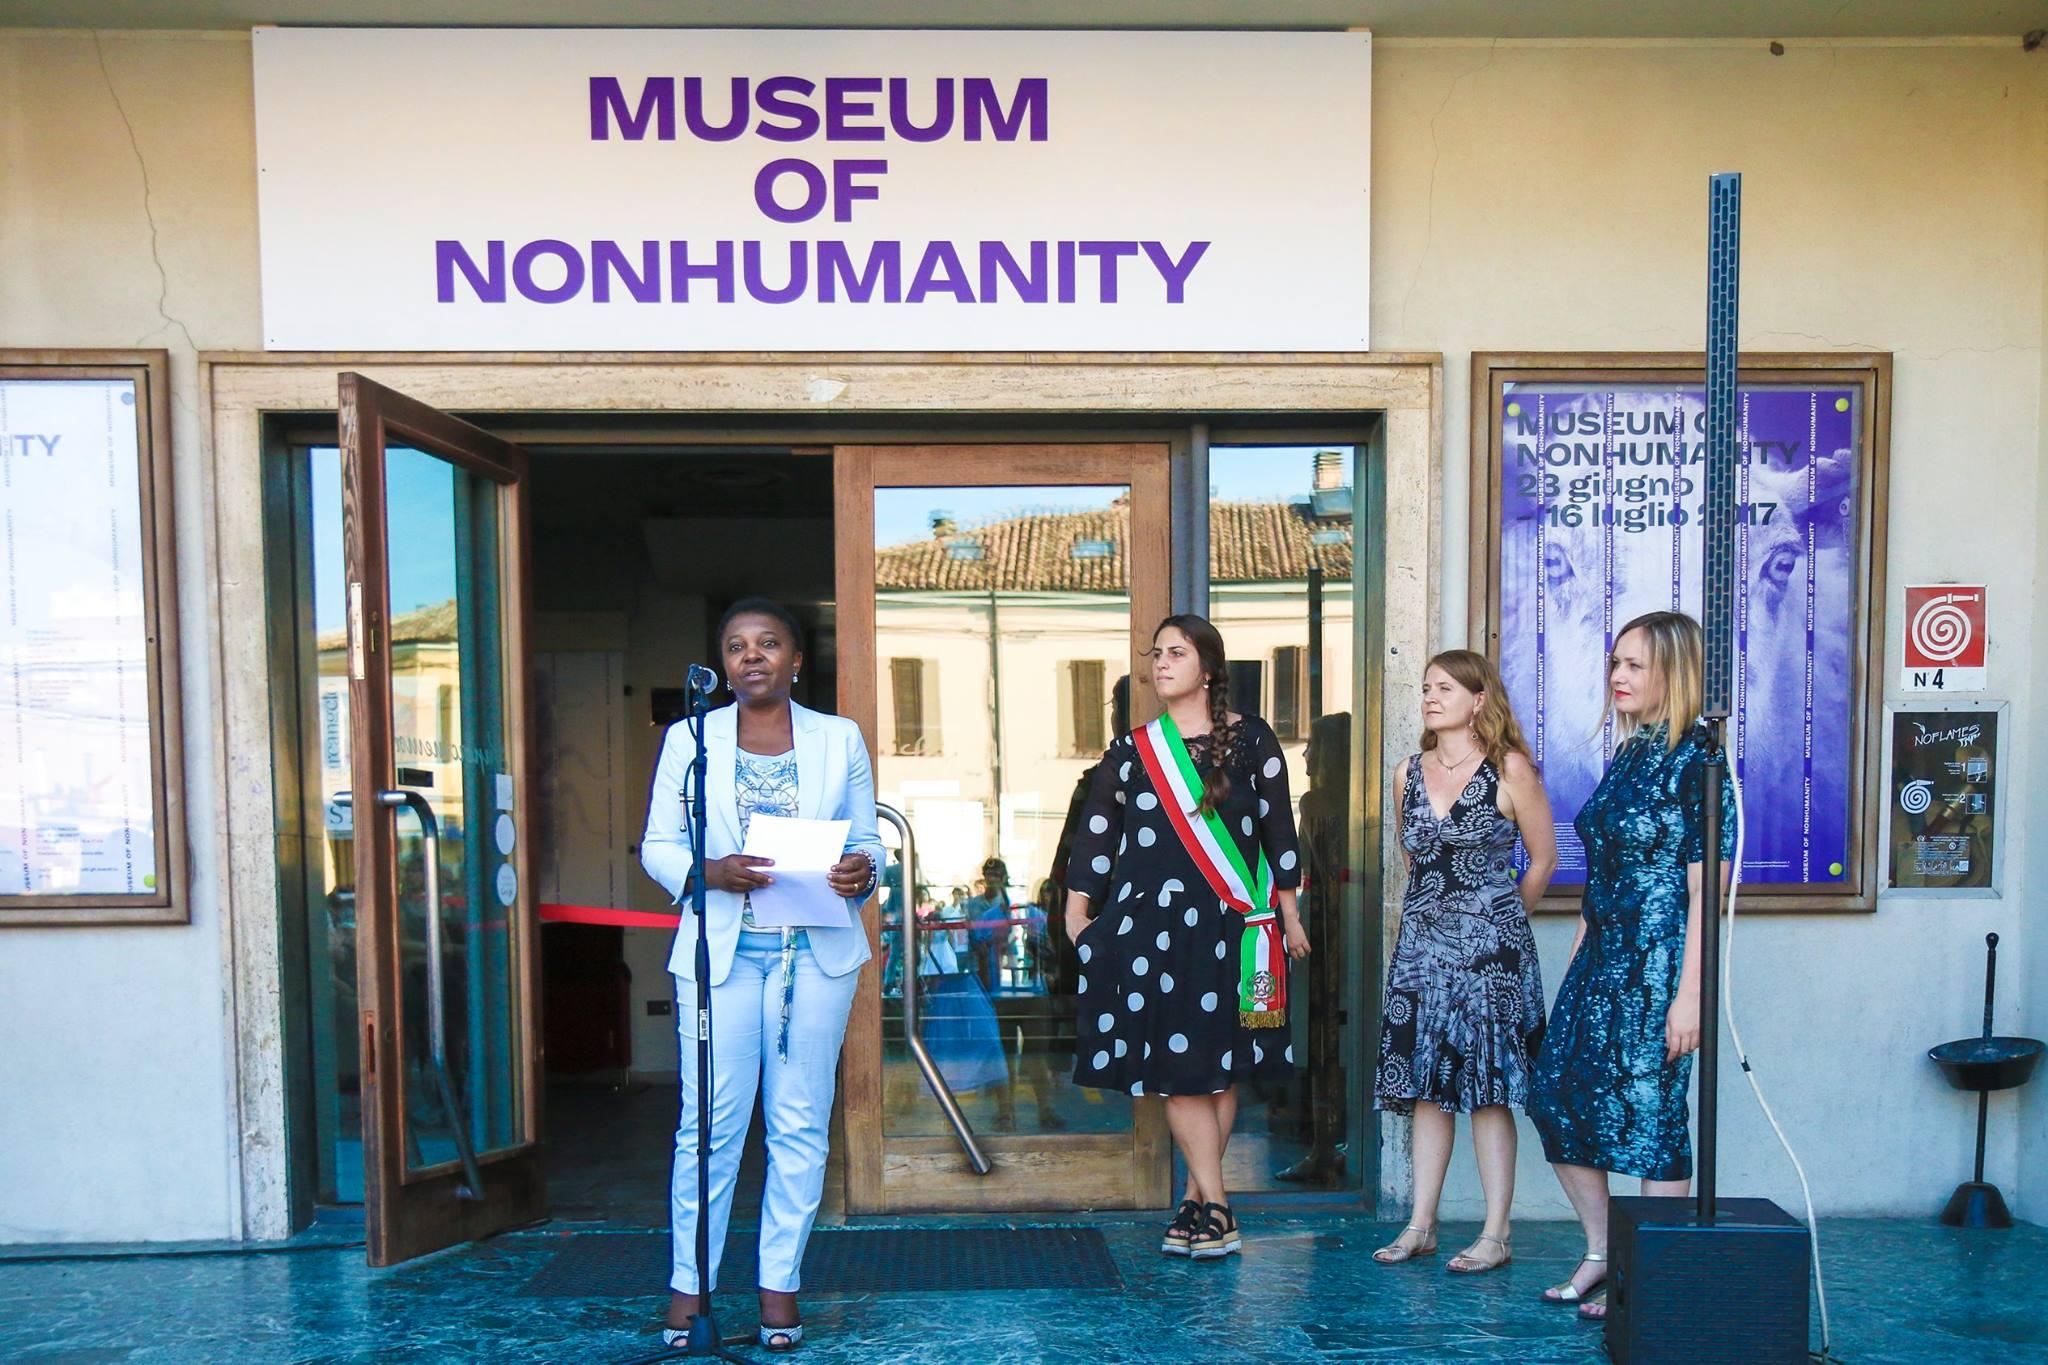 L'apertura del Museo della Non-umanità alla presenza dell'ex Ministro per l'integrazione,  Cécile Kyenge Kashetu, e del Sindaco di Santarcangelo, Alice Parma